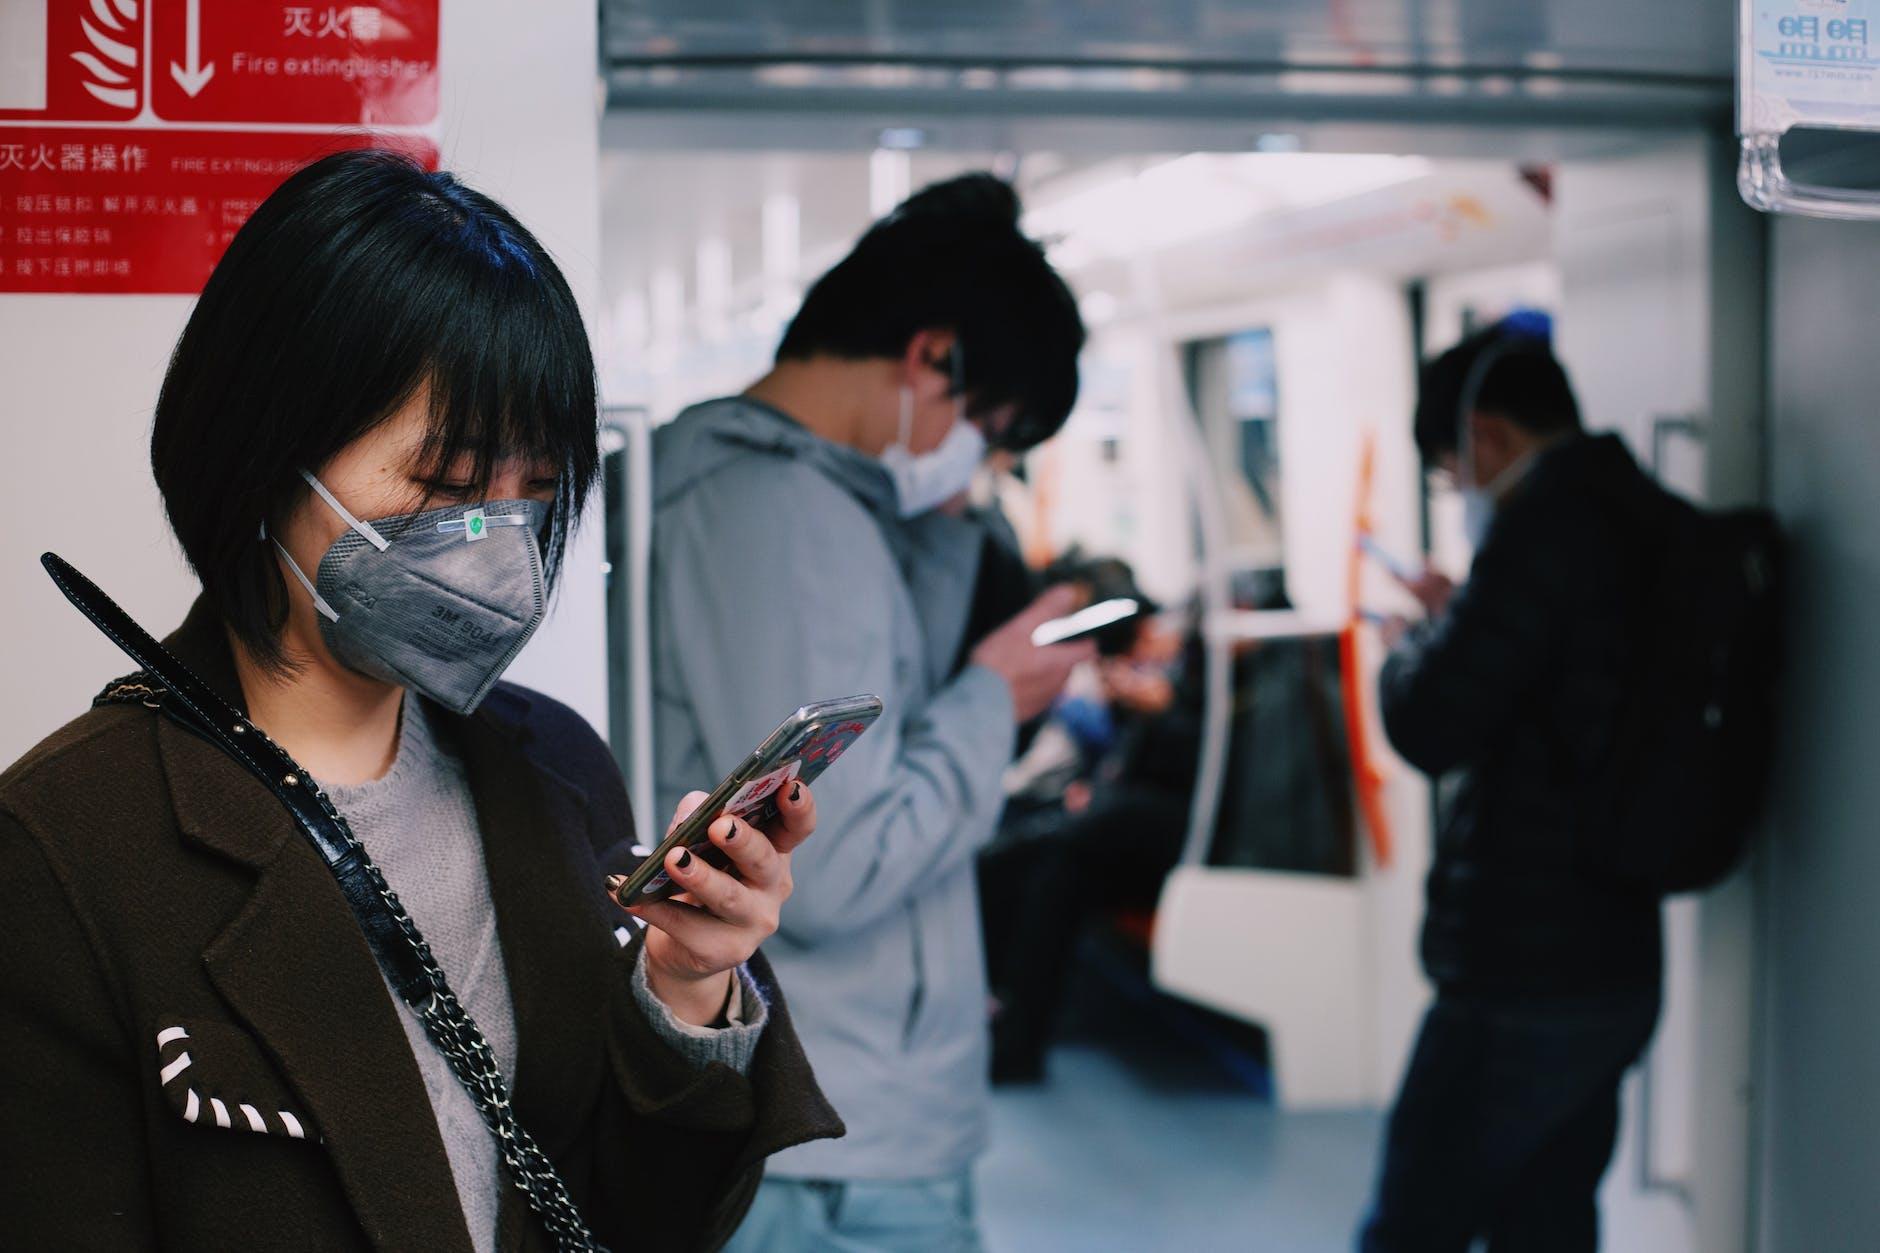 Вірус з Китаю: світ у пошуках правди